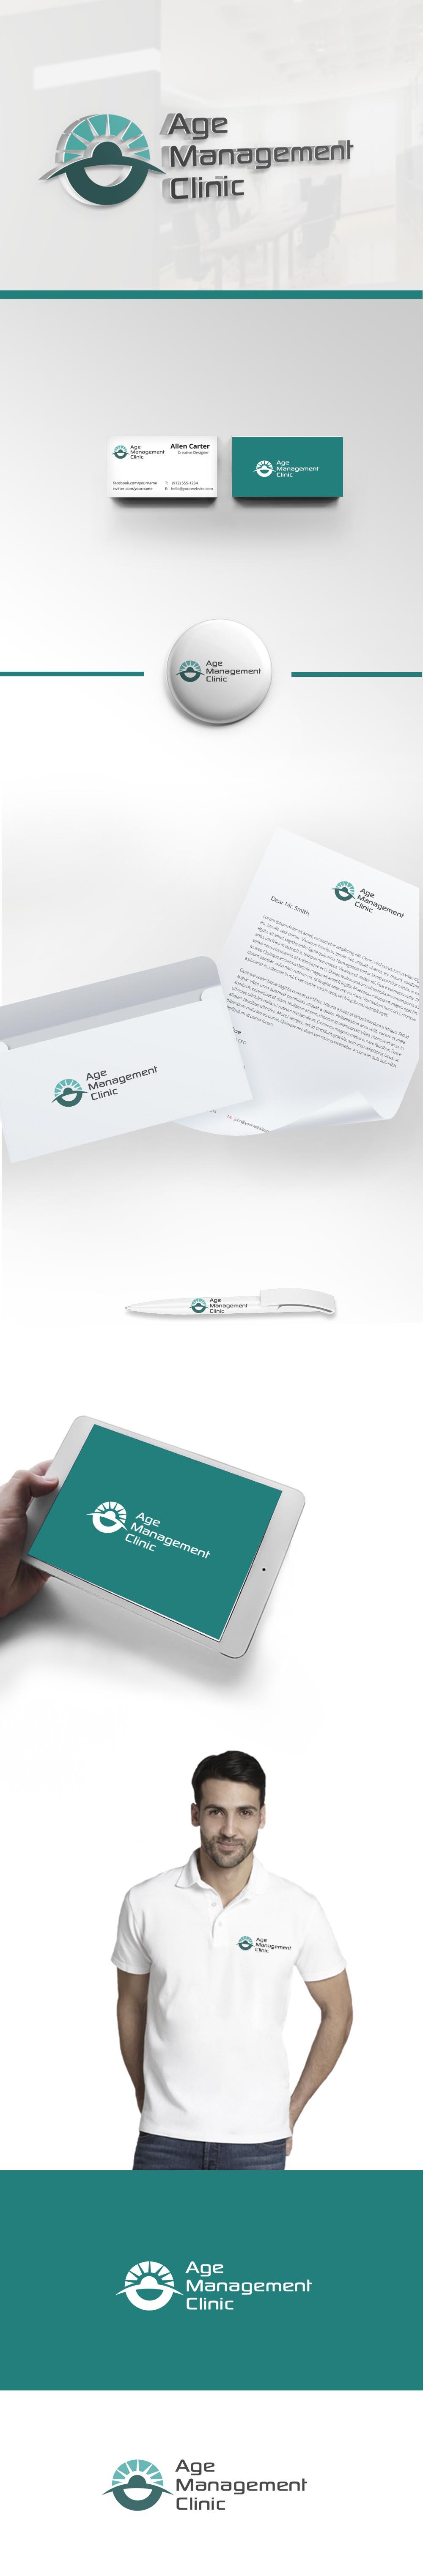 Логотип для медицинского центра (клиники)  фото f_3755ba0098790525.jpg